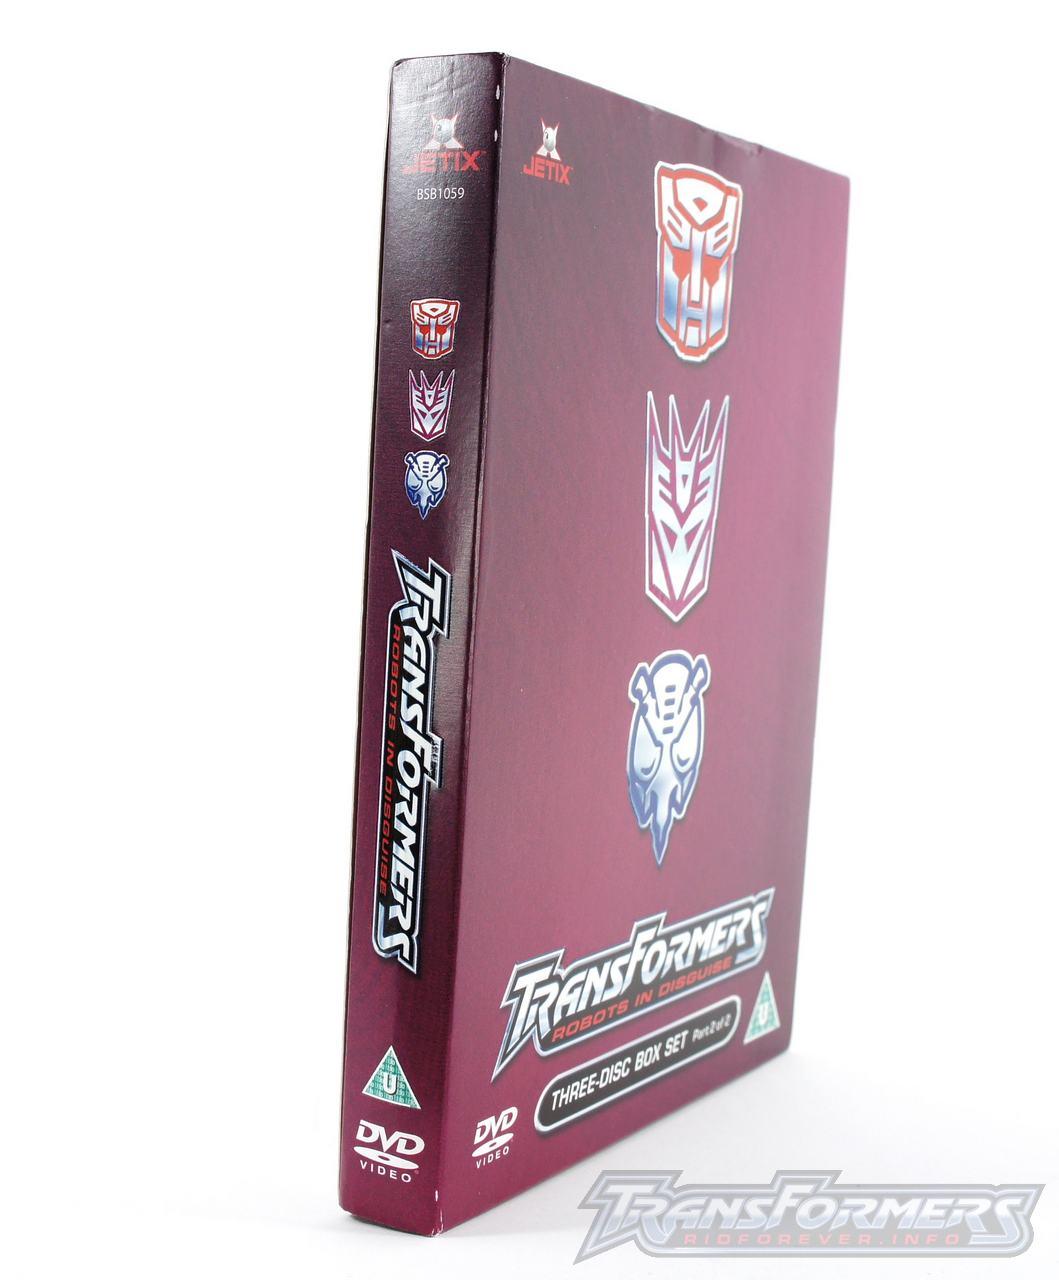 UK RID Boxset 1 Vol 2-002